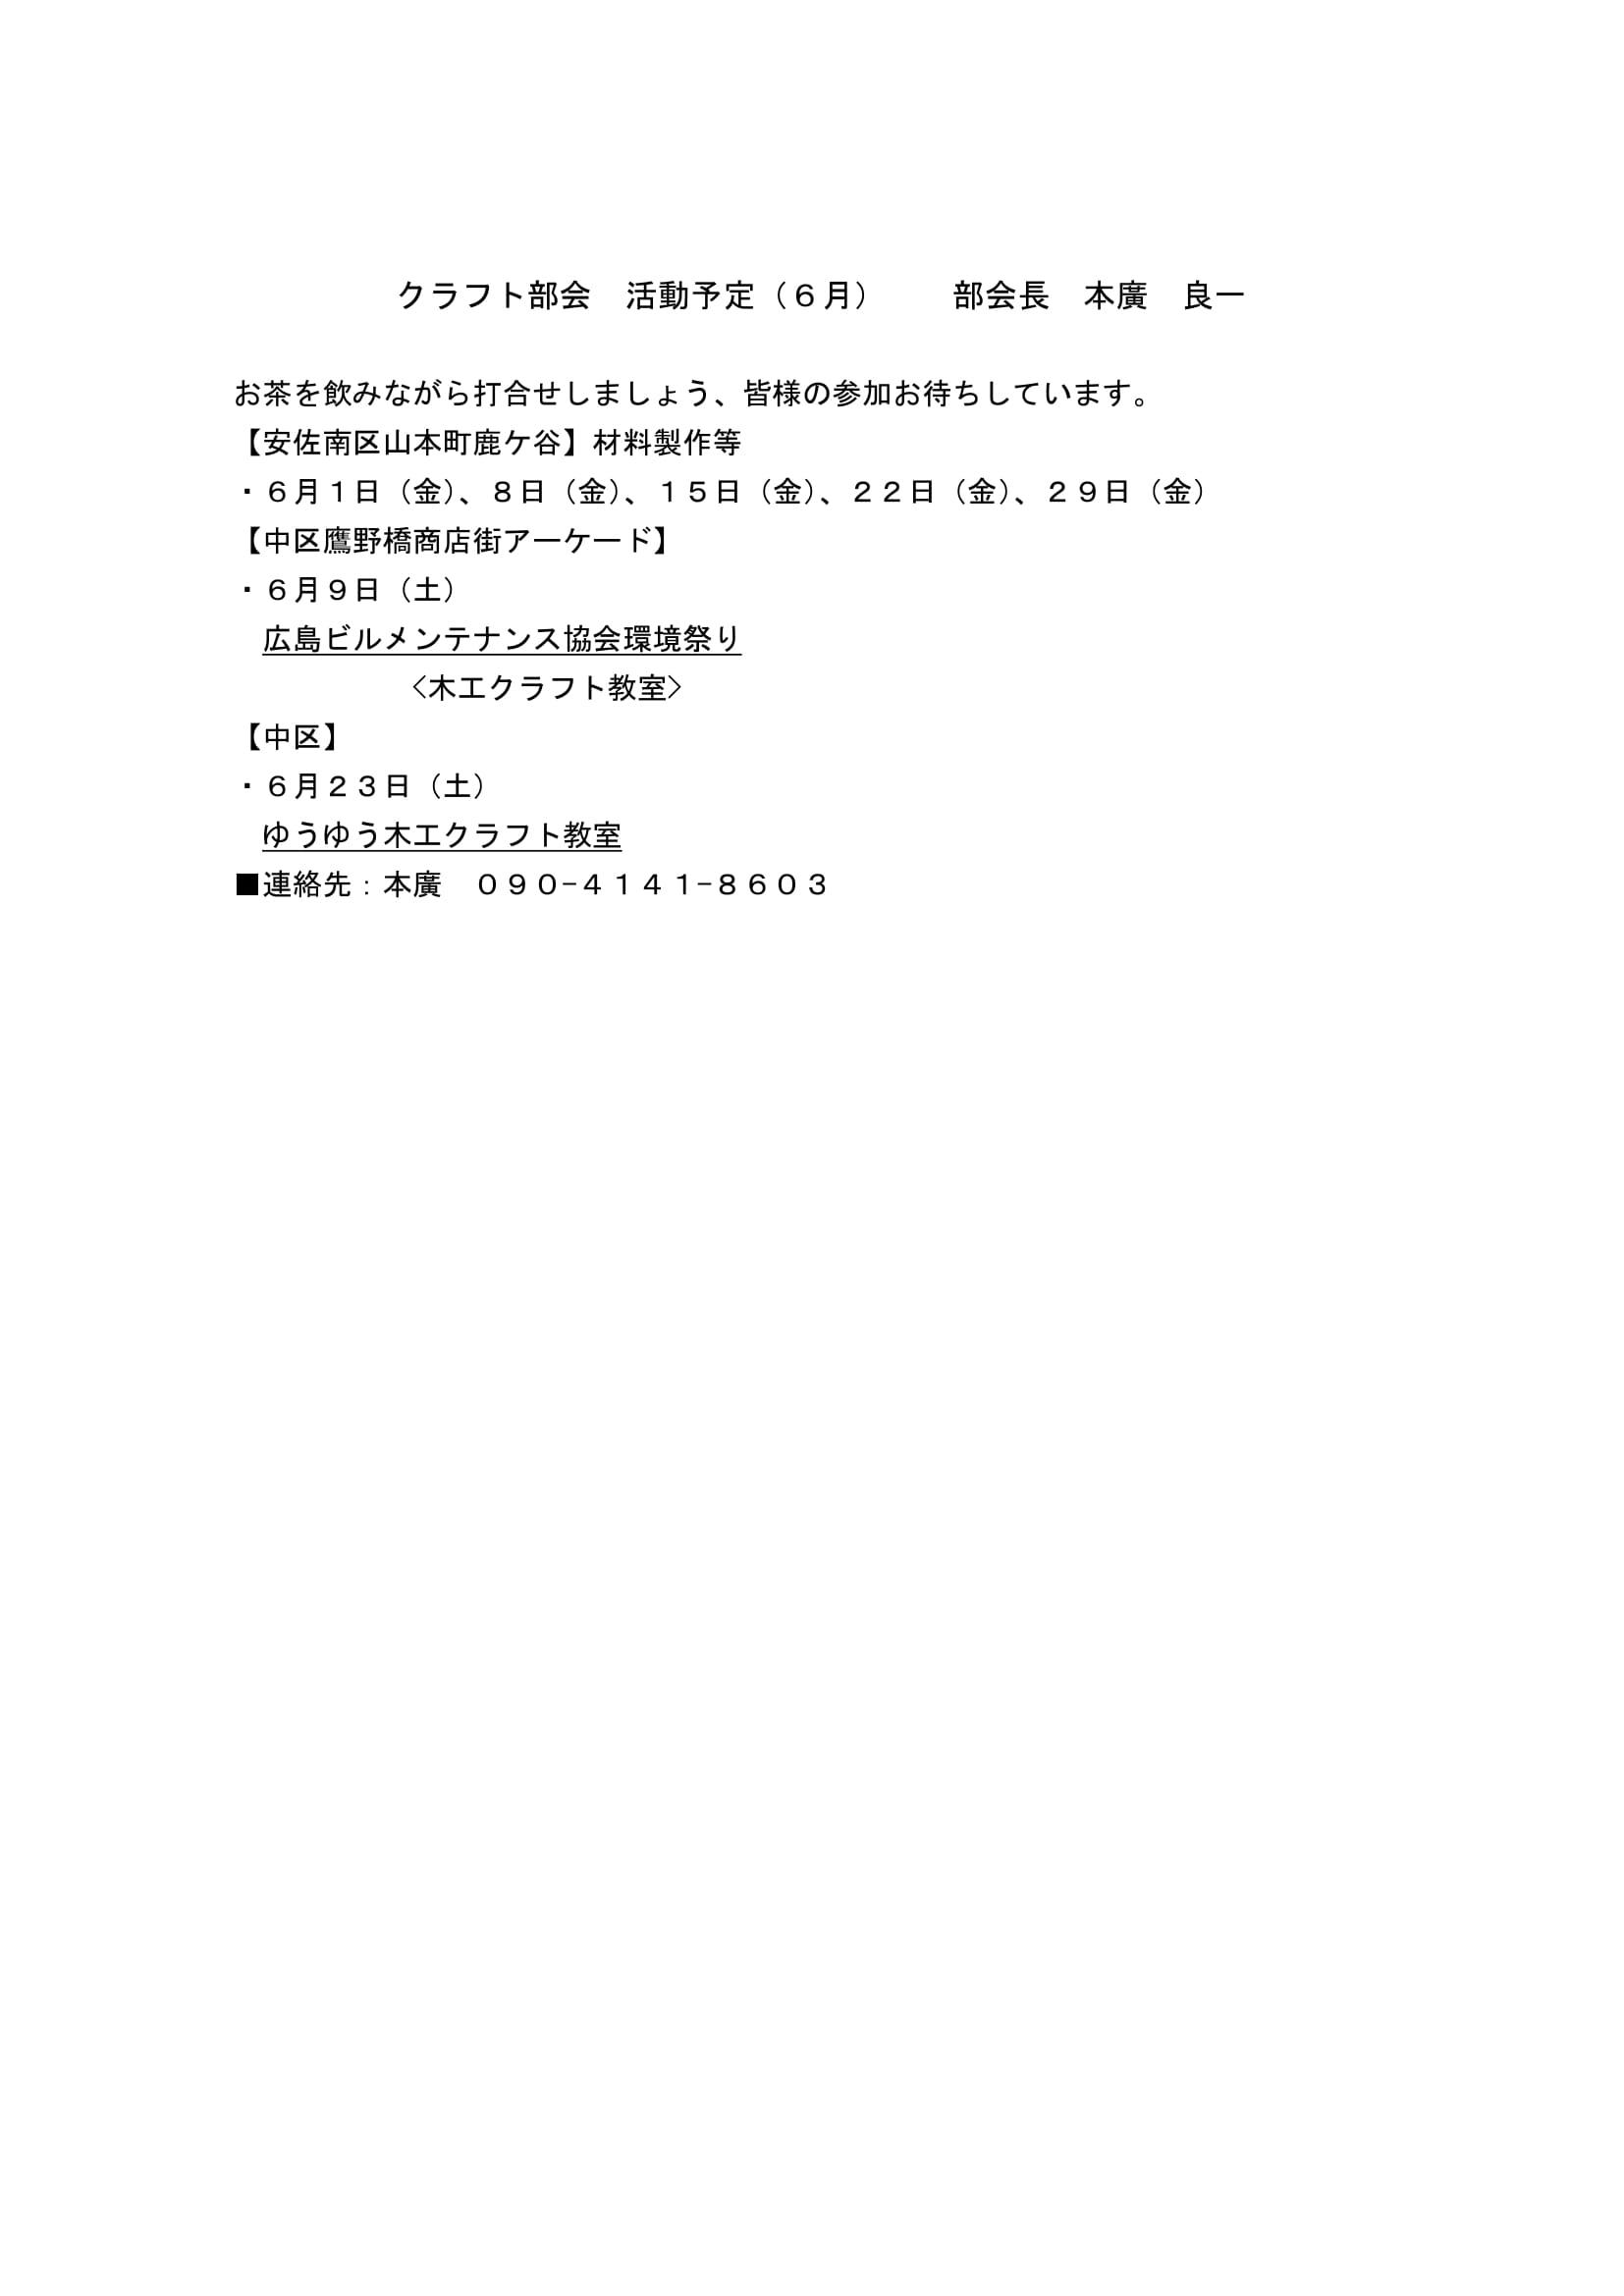 クラフト部会活動予定6 HPpdf-1